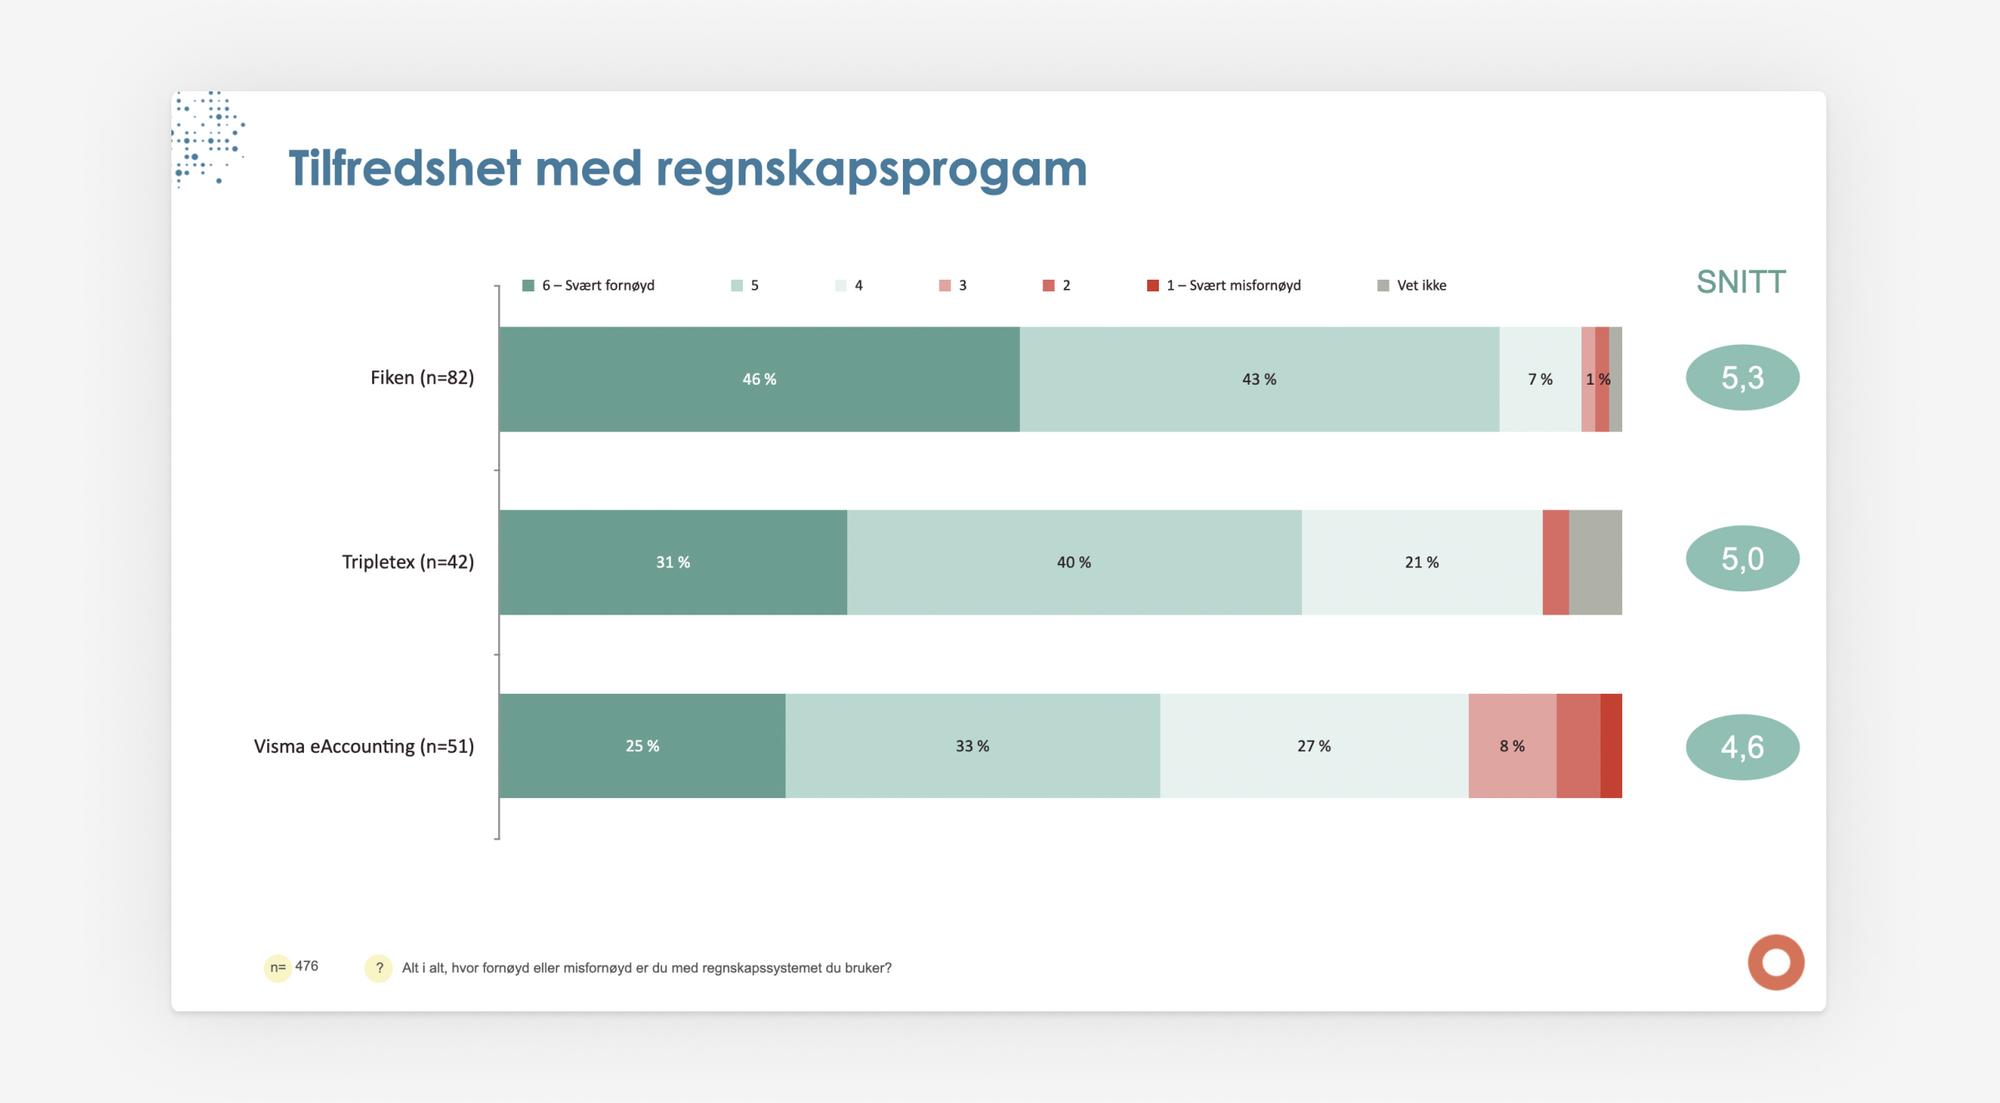 Grafikk som prosentvis viser hvor tilfreds brukerne av Fiken, Tripletex og Visma eAccounting er med regnskapsprogrammet de bruker